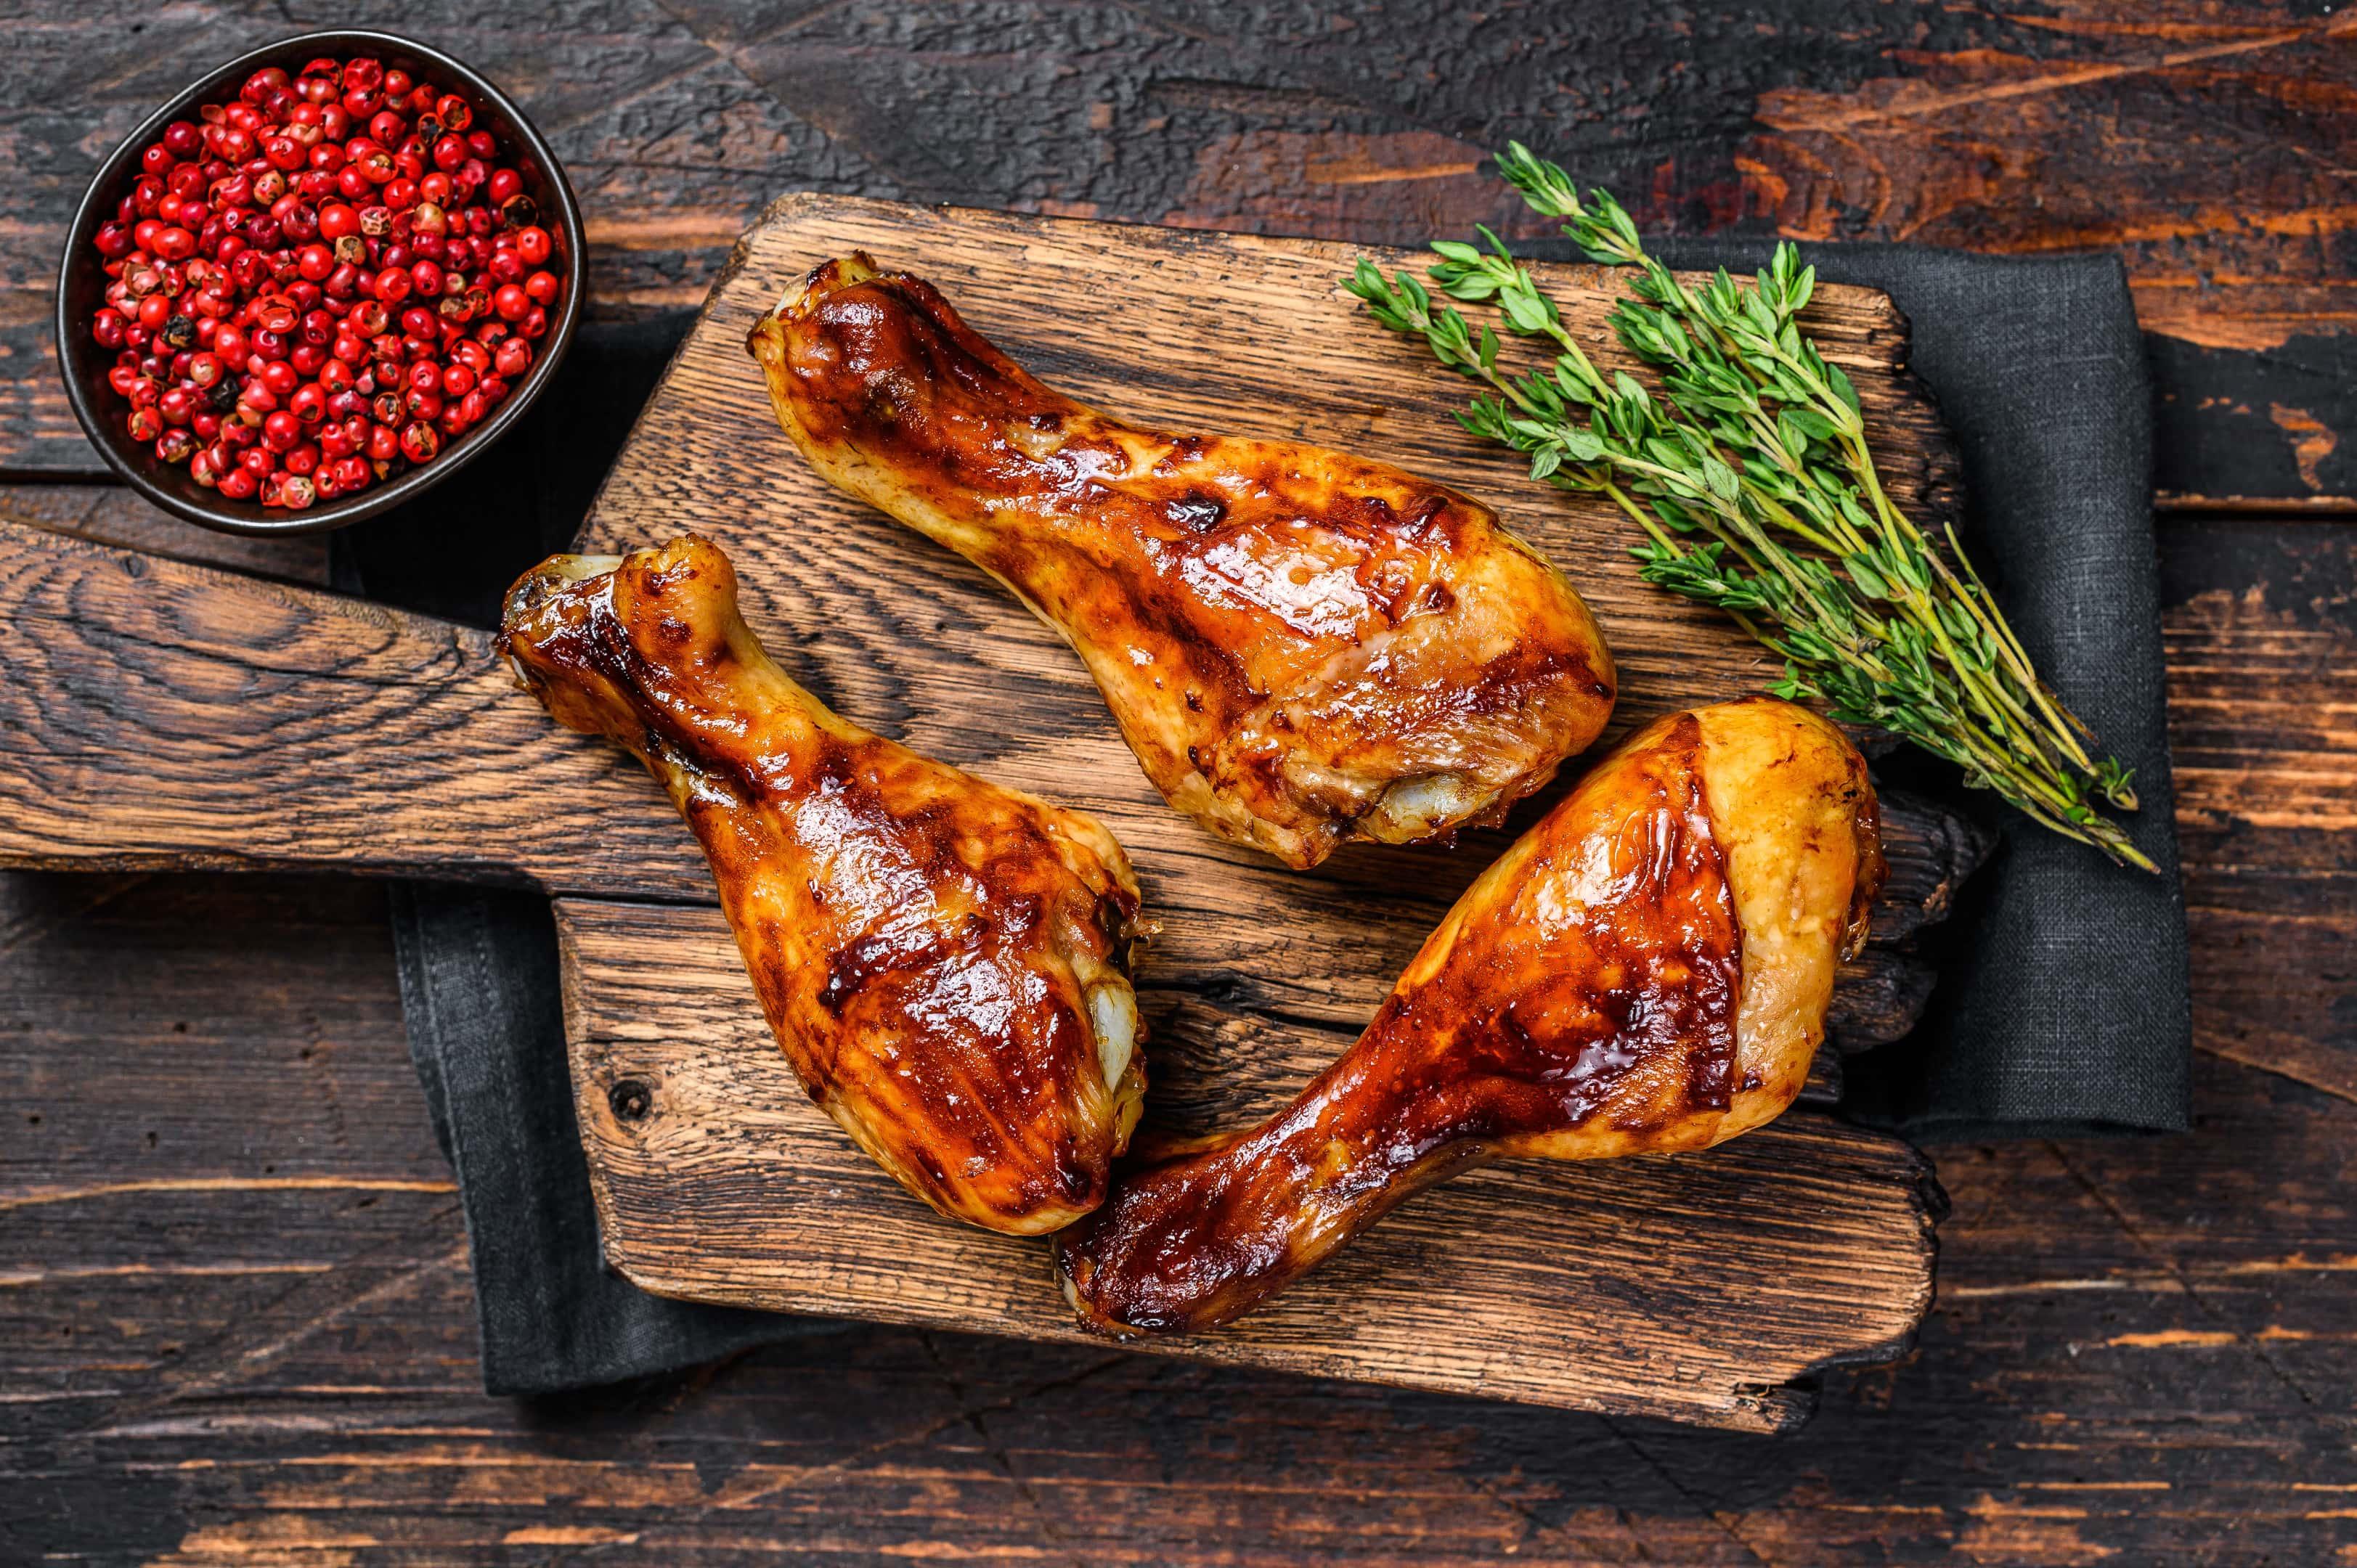 Grilled chicken drumsticks glazed with malt vinegar on wooden cutting board